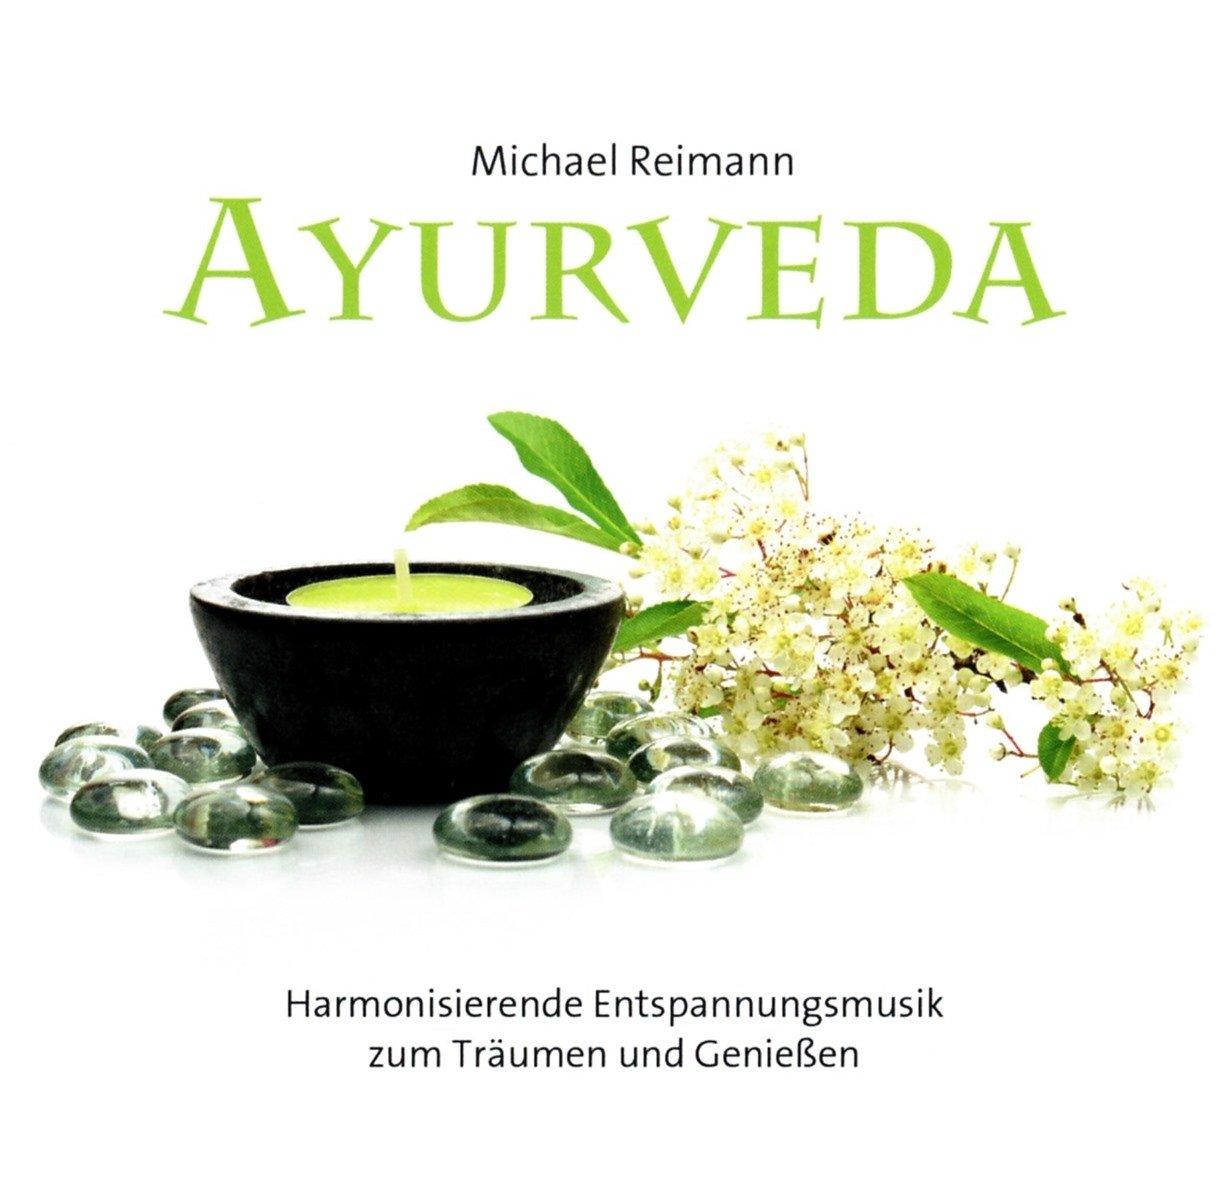 Ayurveda: Harmonisierende Entspannungsmusik zum Träumen und Genießen